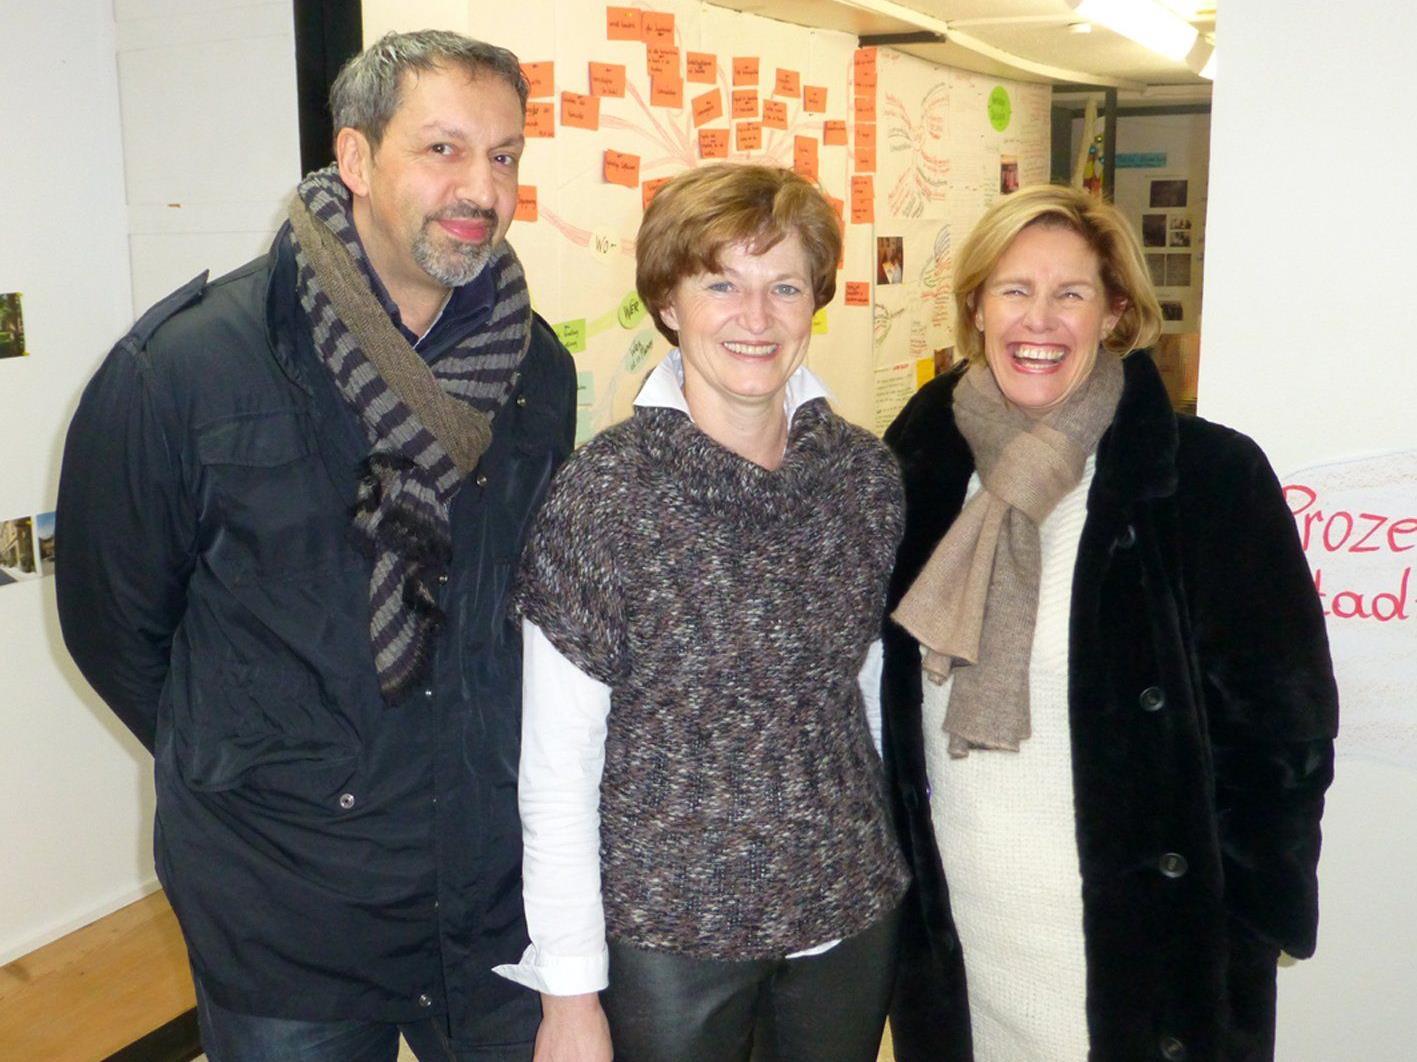 Johannes Inama, Angela Jäger und Karin Metzler freuen sich über viele Besucher im Visionscafé.